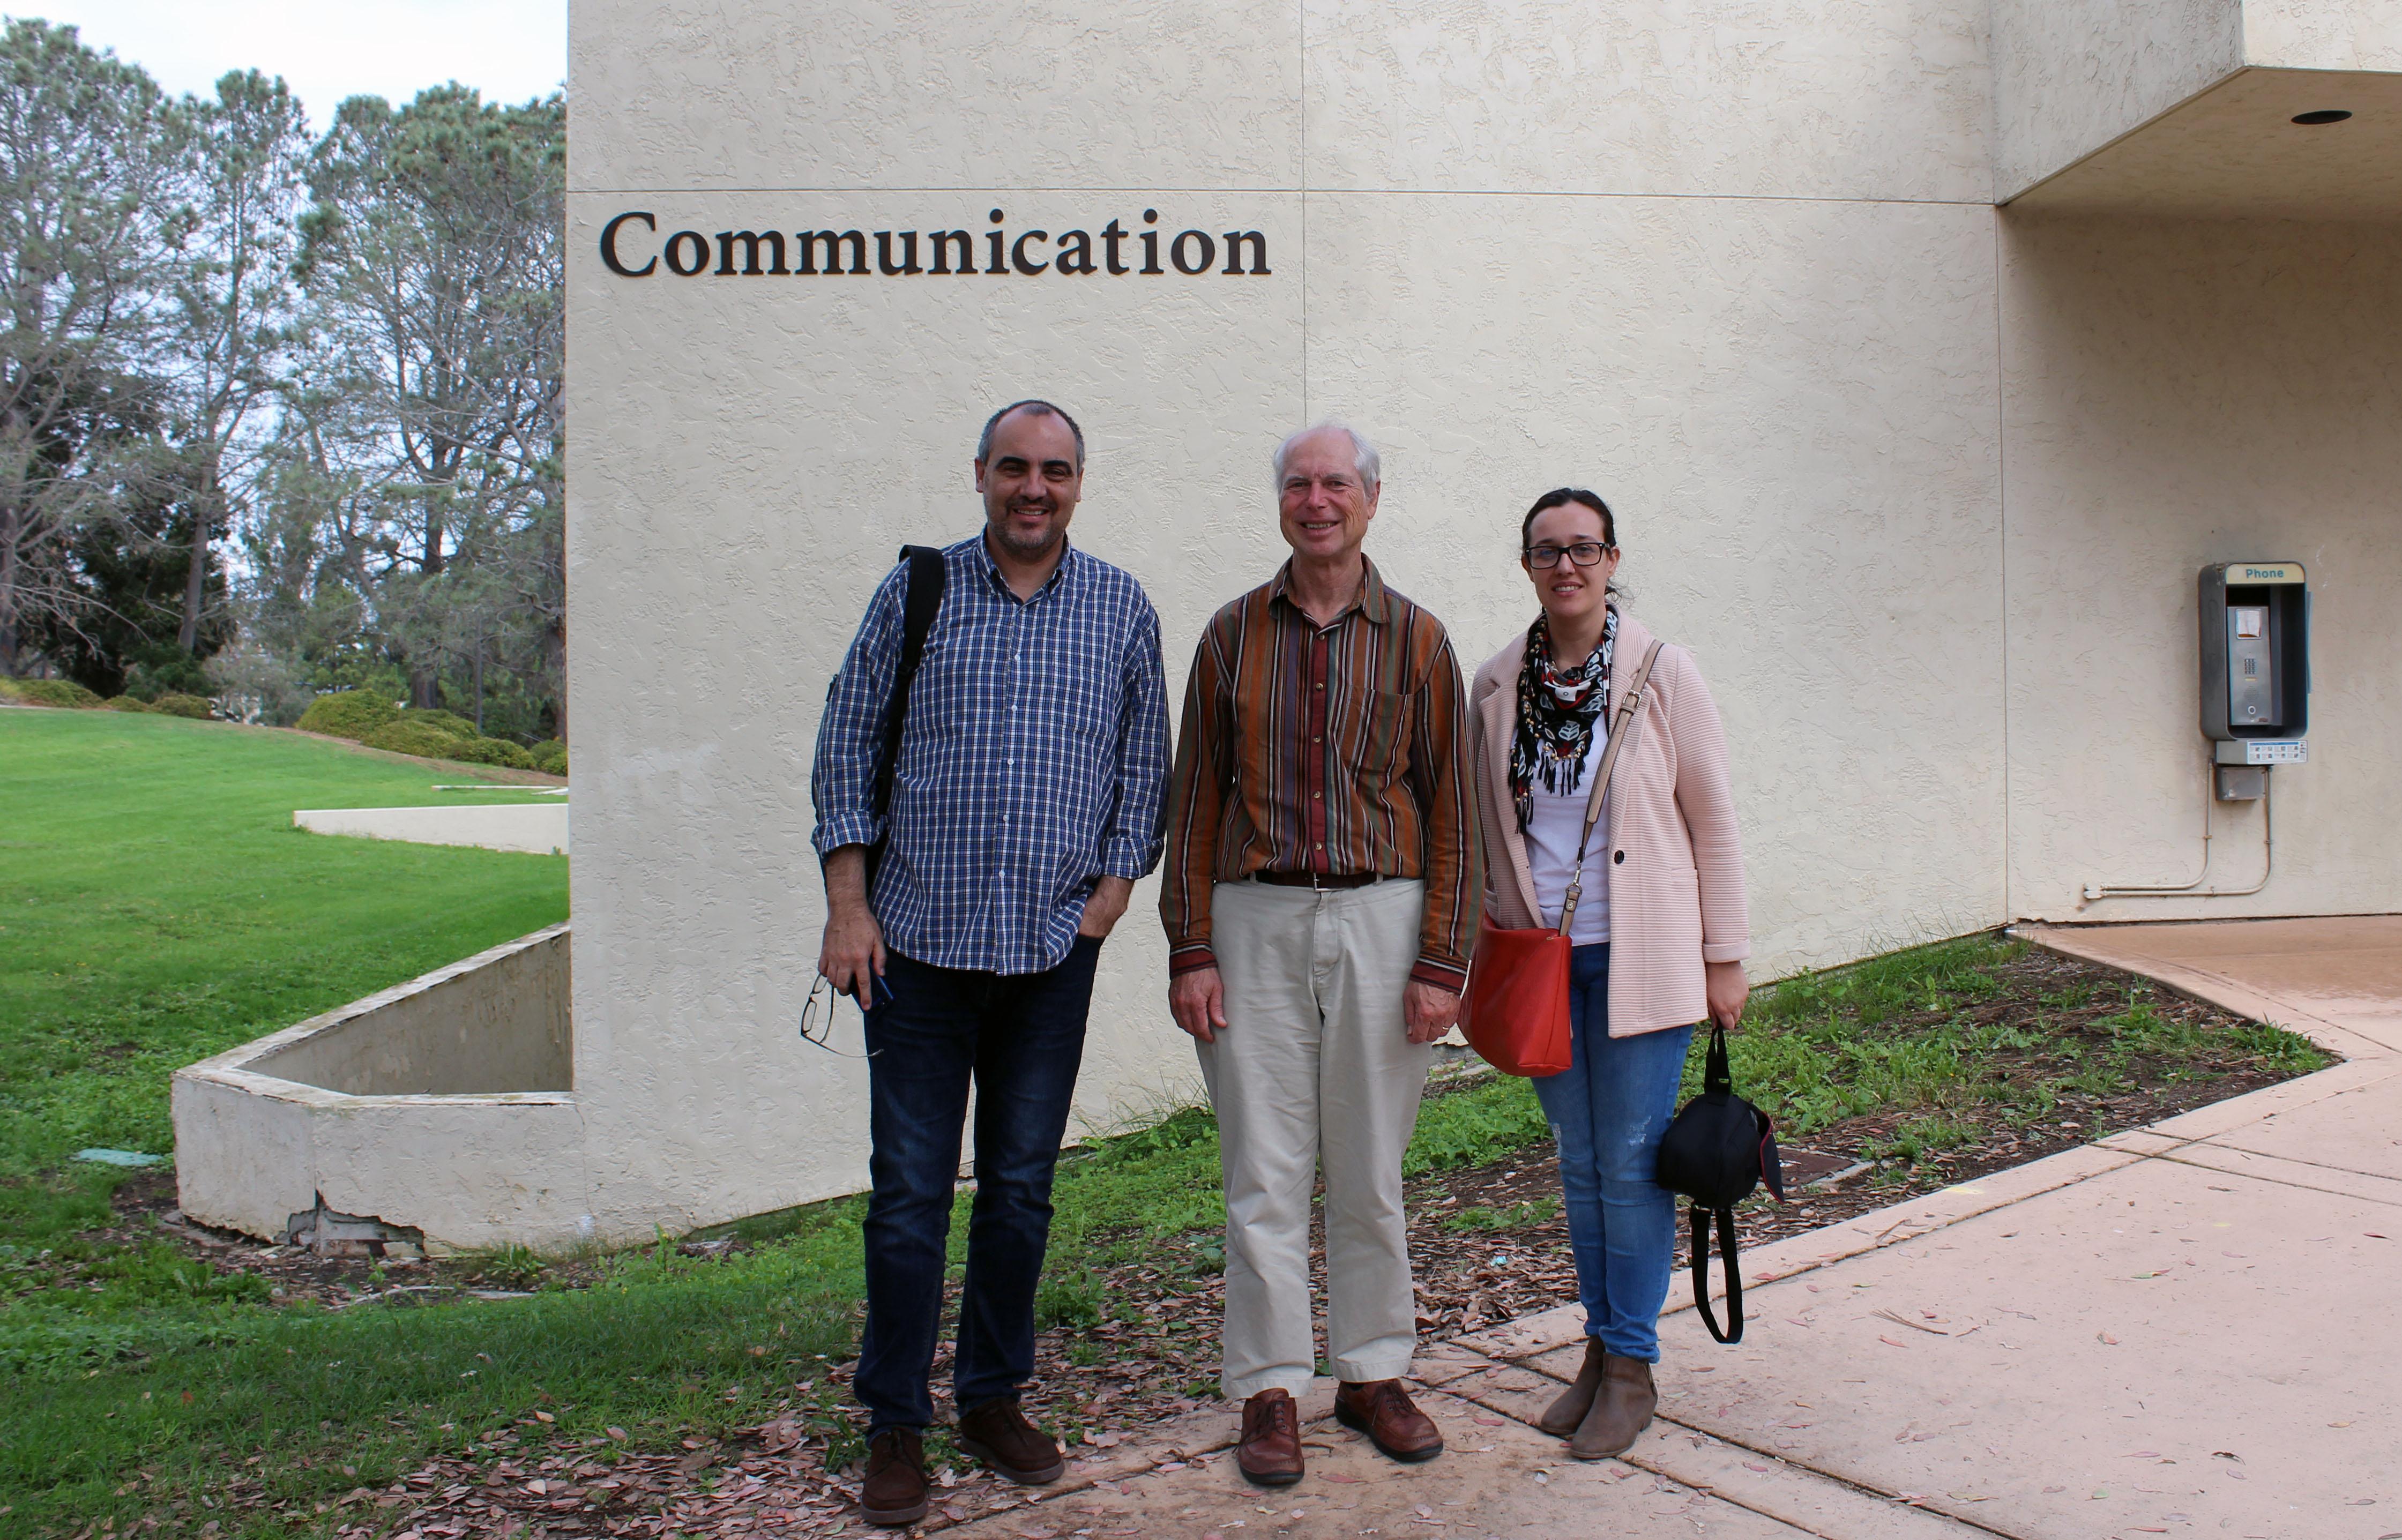 El profesor González en la UC San Diego con Dan Hallin y Carmen López.